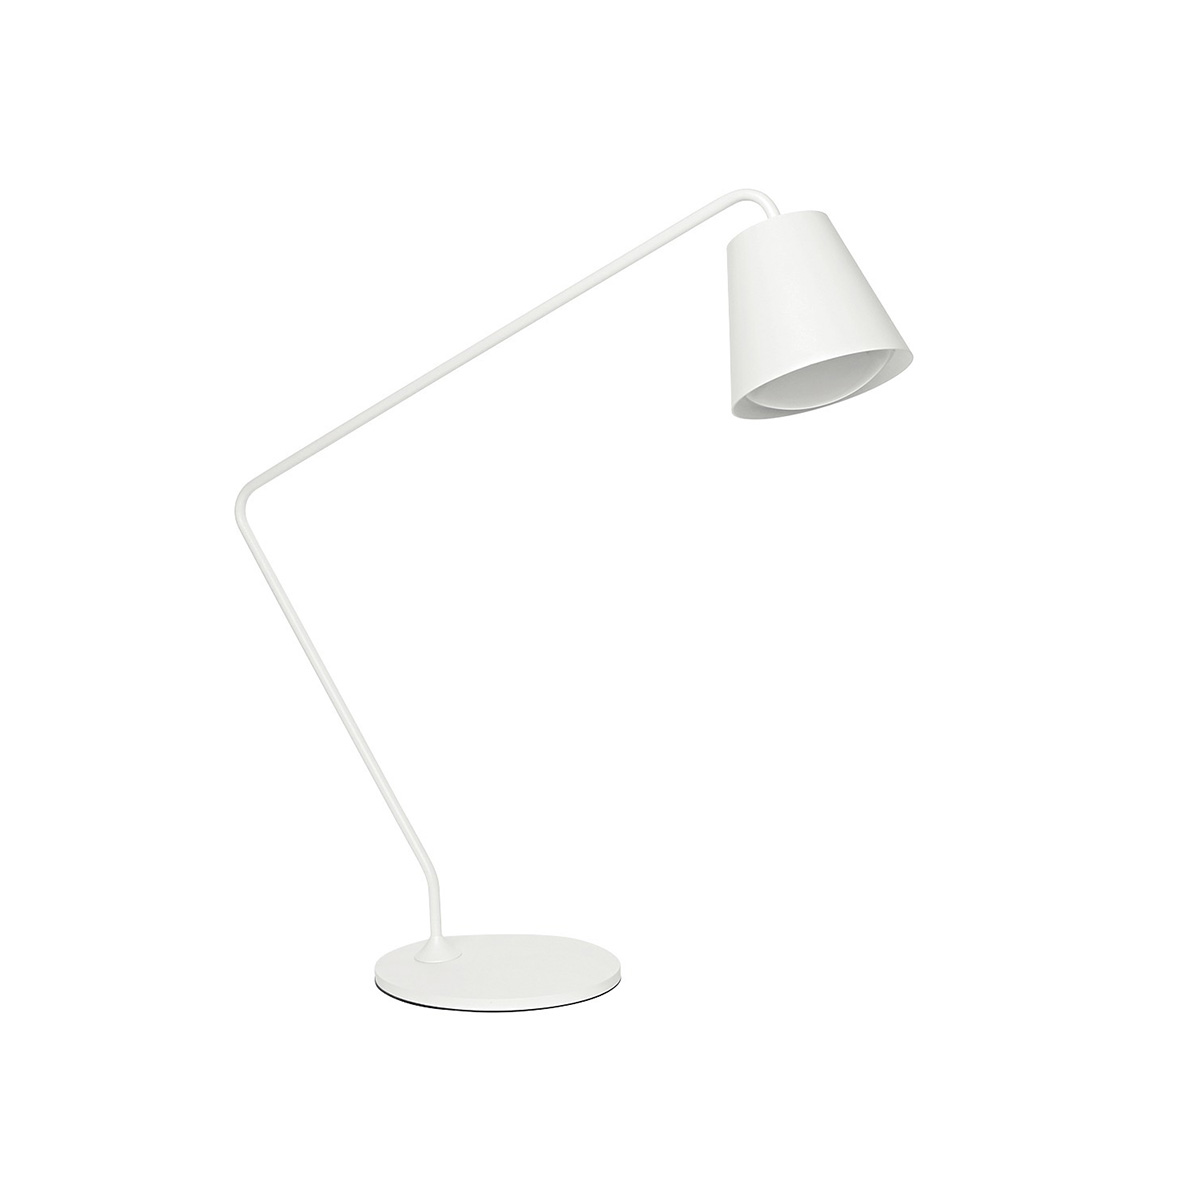 Stona lampa Conus S-7281 bela